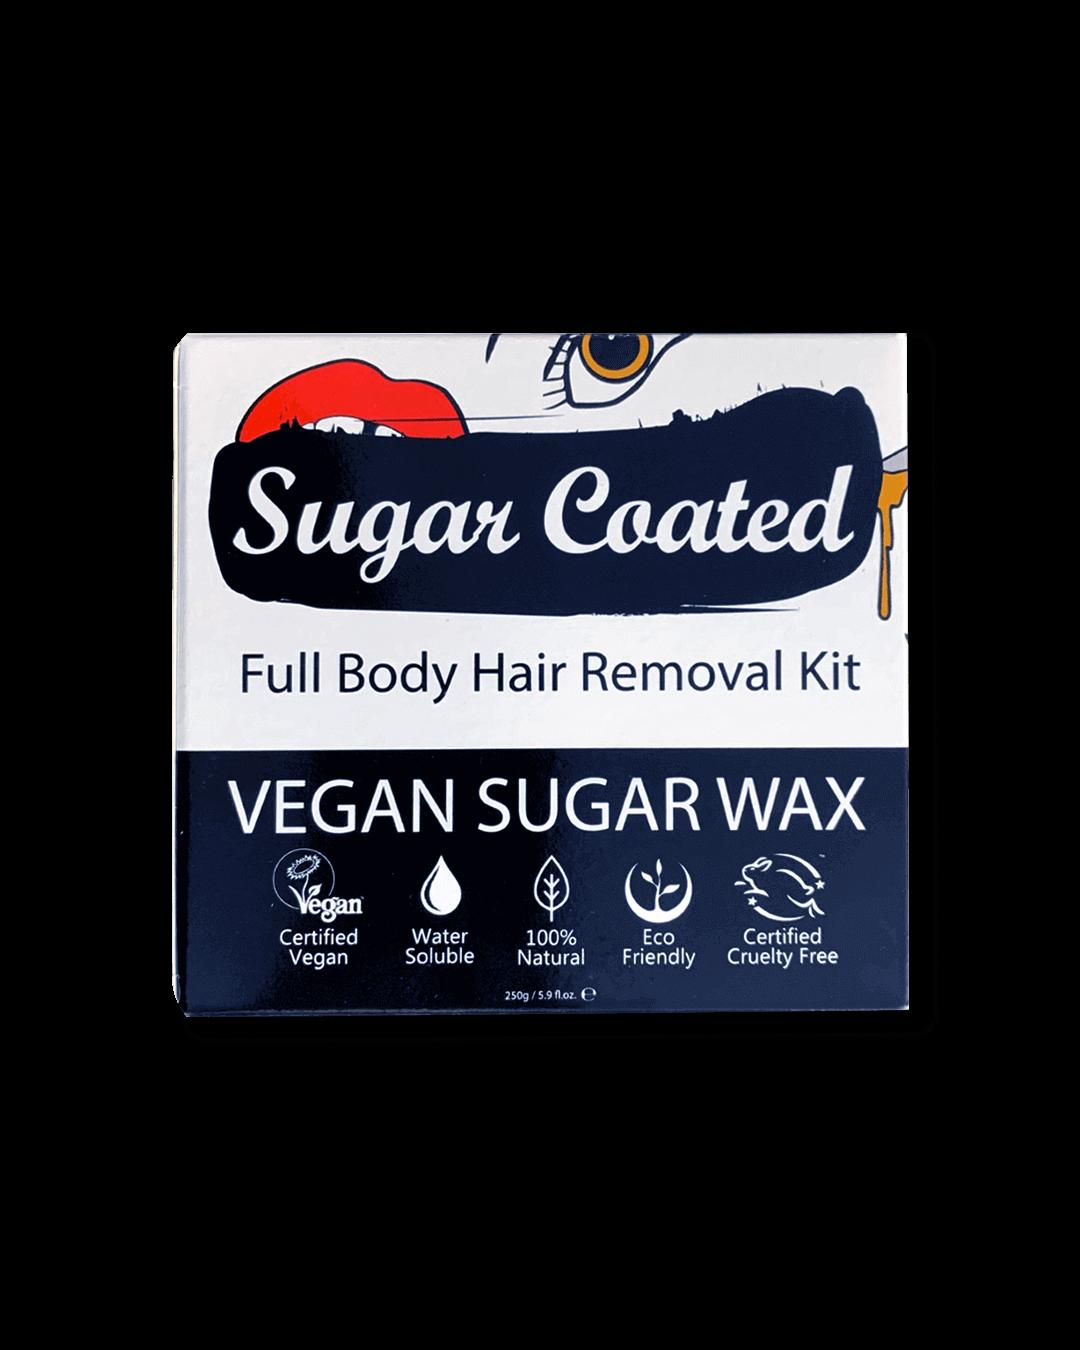 Full Body Hair Removal Kit